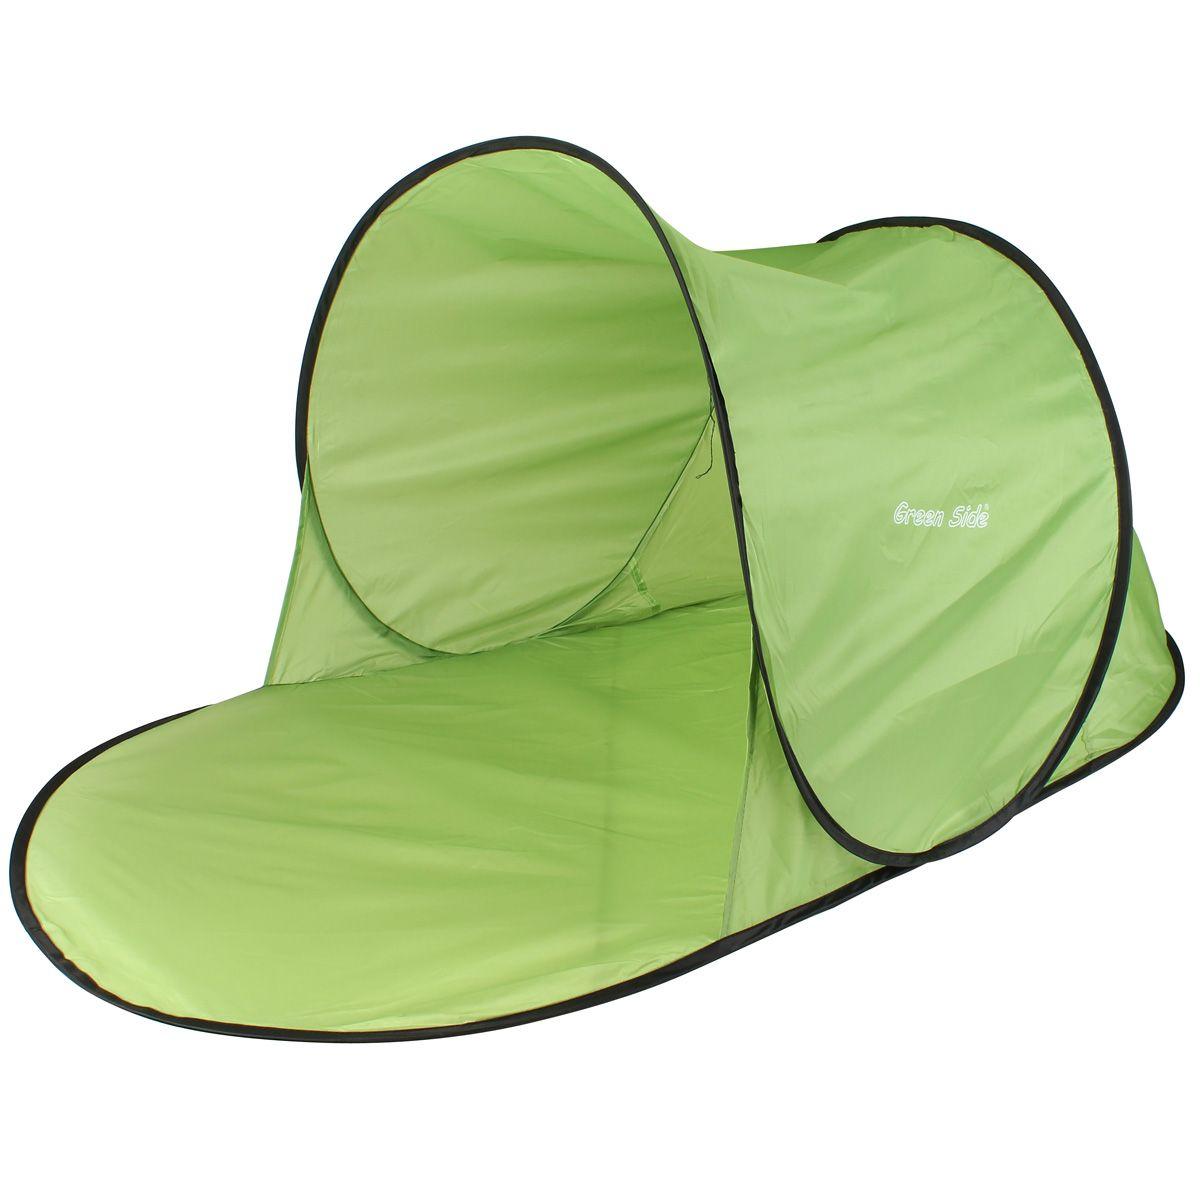 Wasserdichte Outdoor sommer sonnenschutz UV schutz zelt vollautomatische schnell öffnen pop up strand markise camping wandern zelt